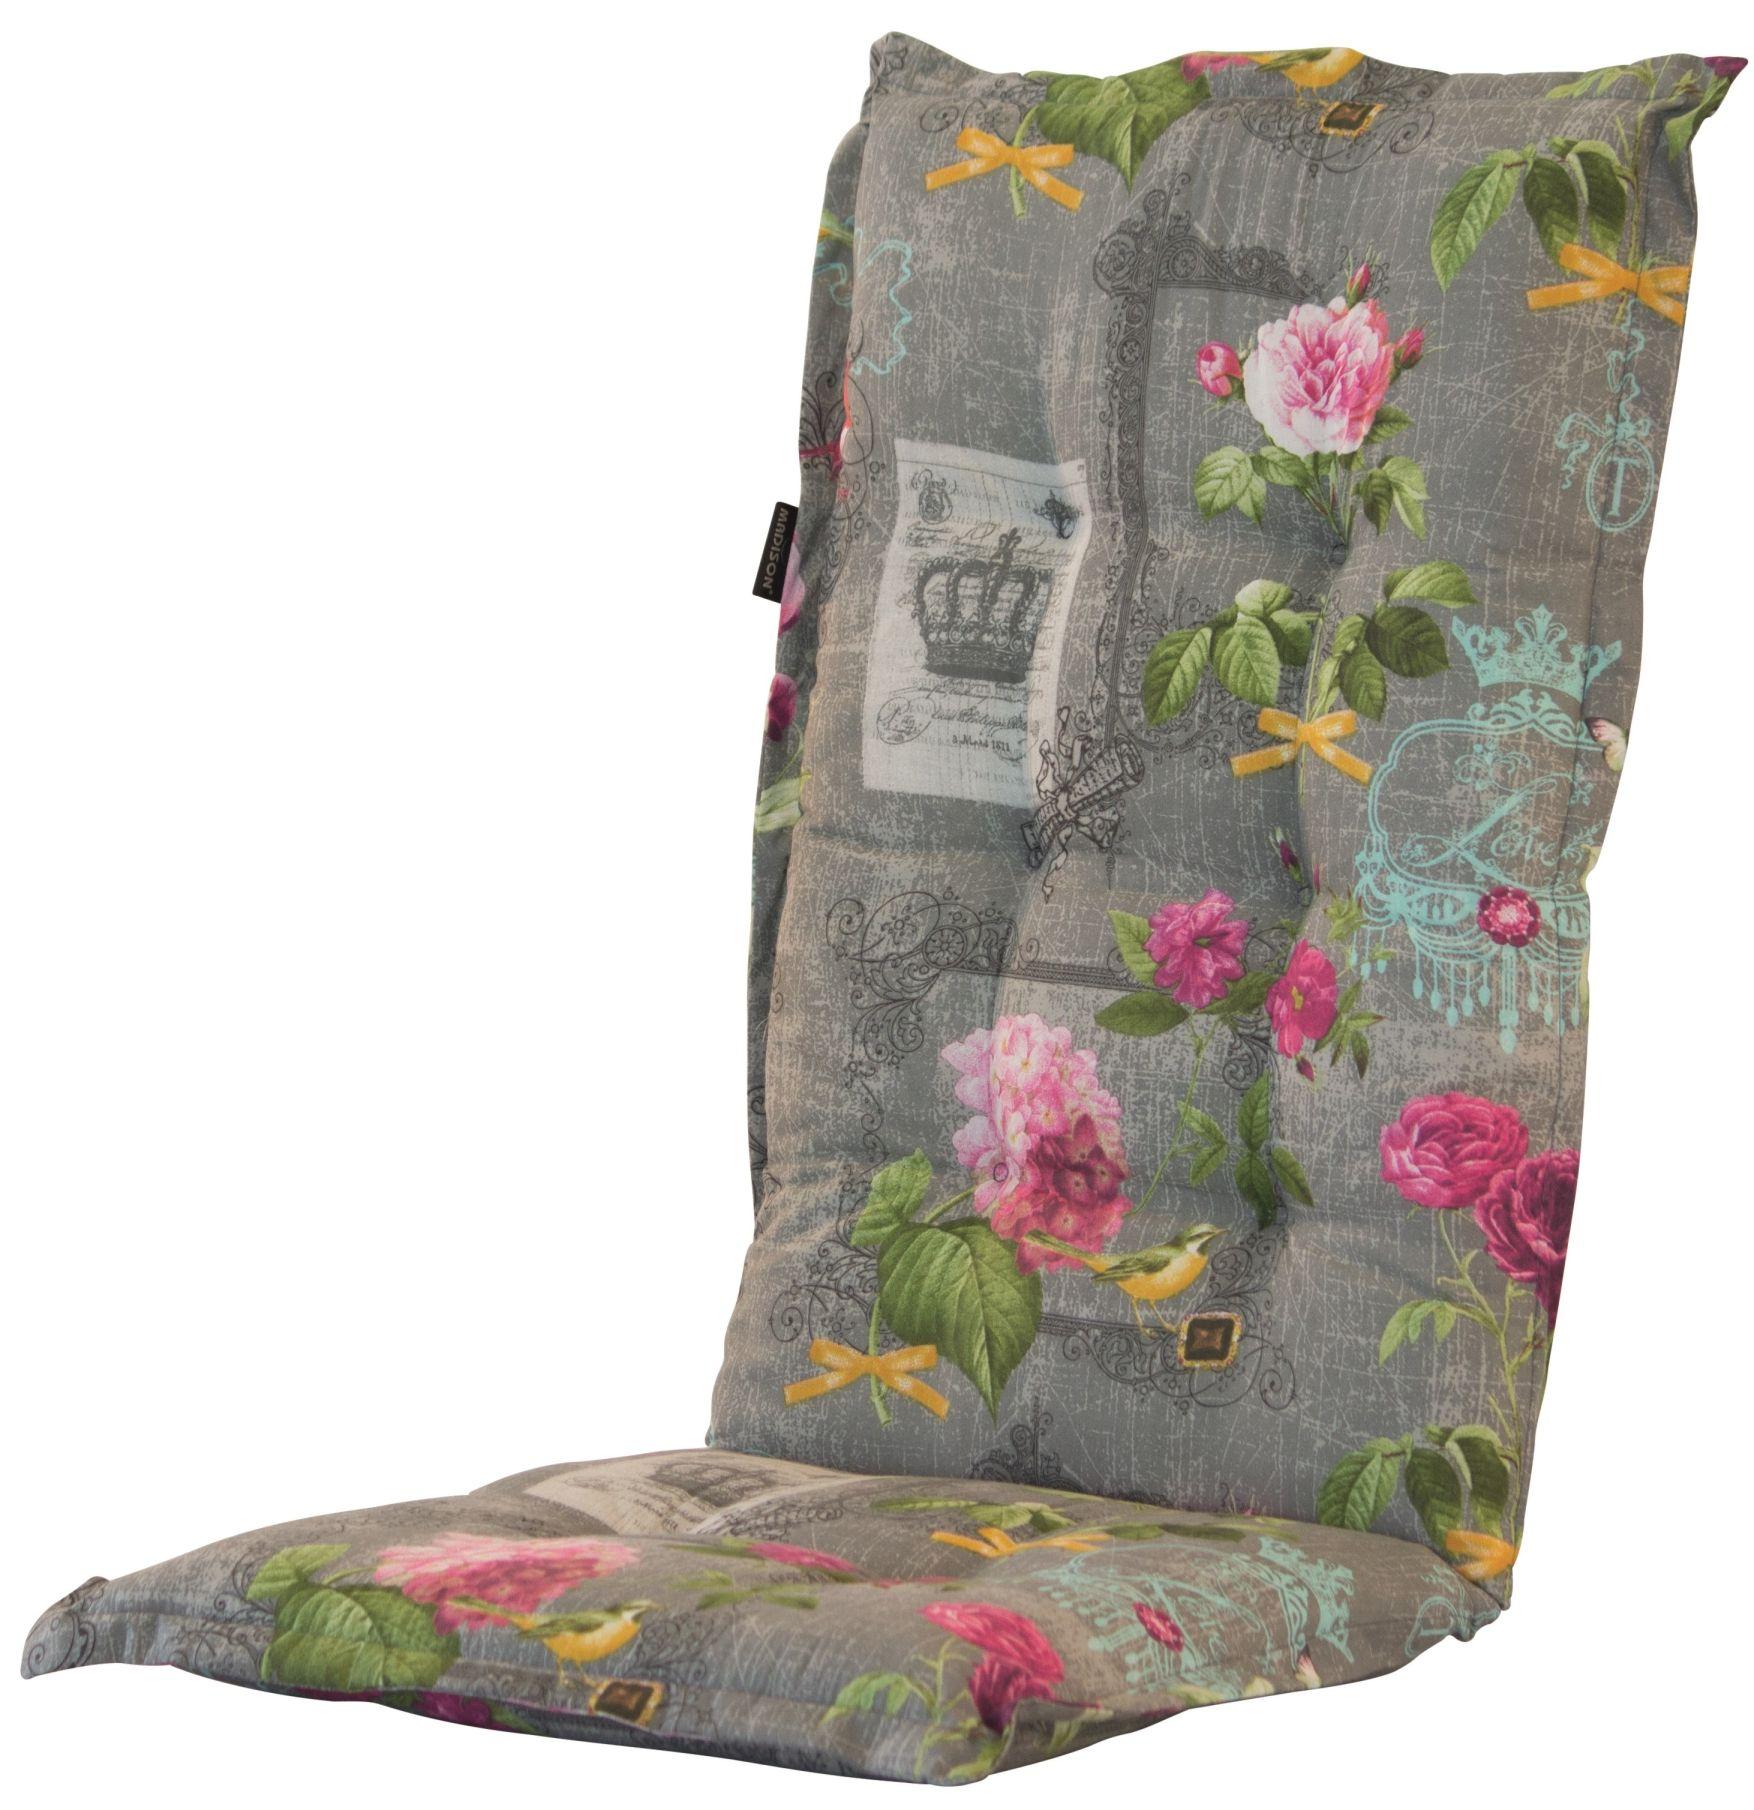 a042 hochlehner gartenstuhl auflagen 120x50x8cm grau gebl mt f r st hle mit hoher lehne. Black Bedroom Furniture Sets. Home Design Ideas